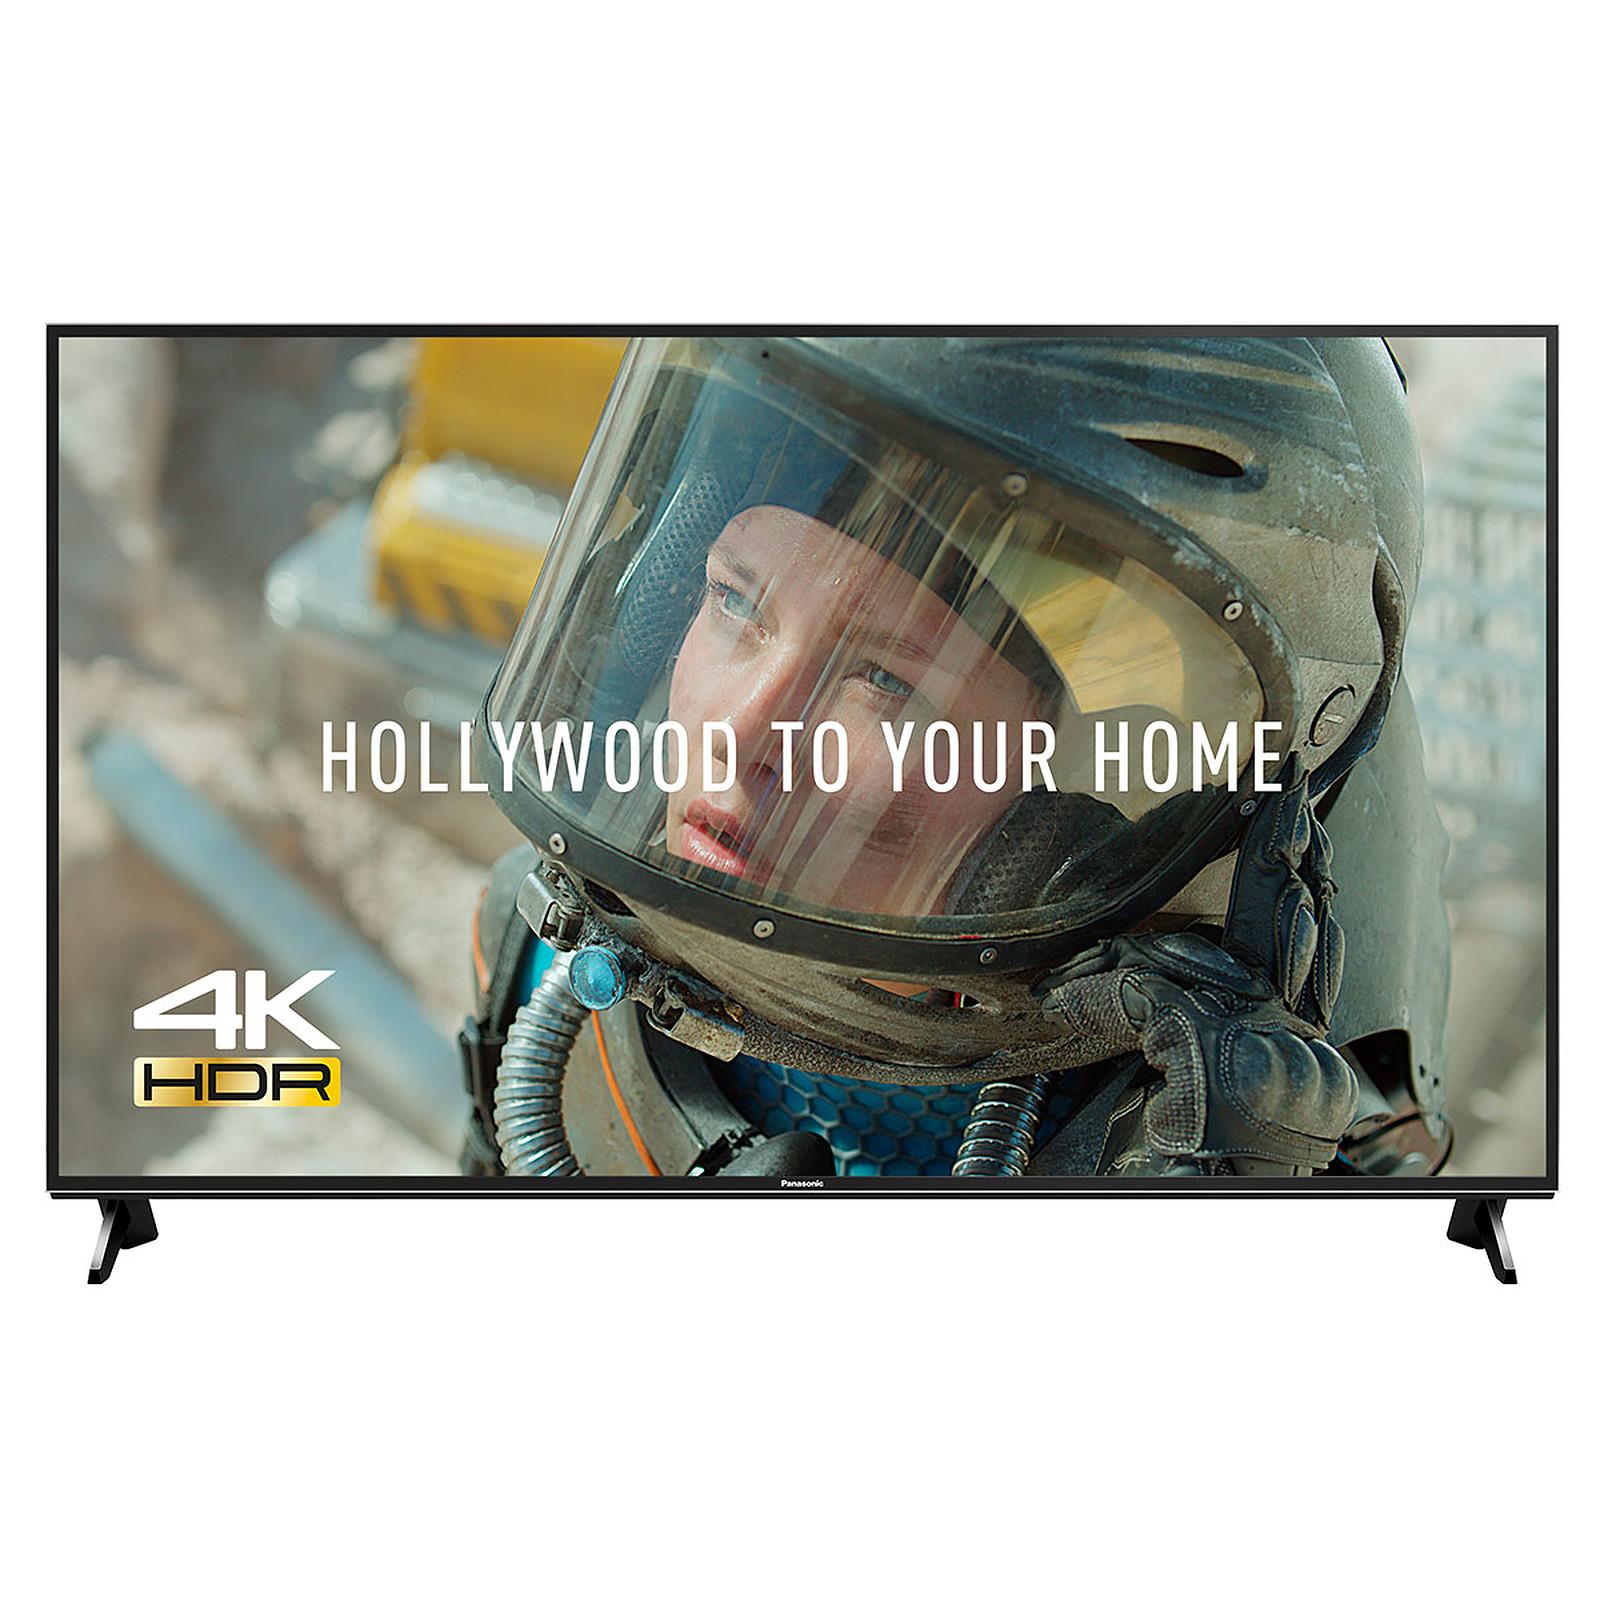 """TV 65"""" Panasonic TX-65FX600E - LED, UHD 4K, HDR 10+, Smart TV (649.95€ avec le code CHAPIN)"""